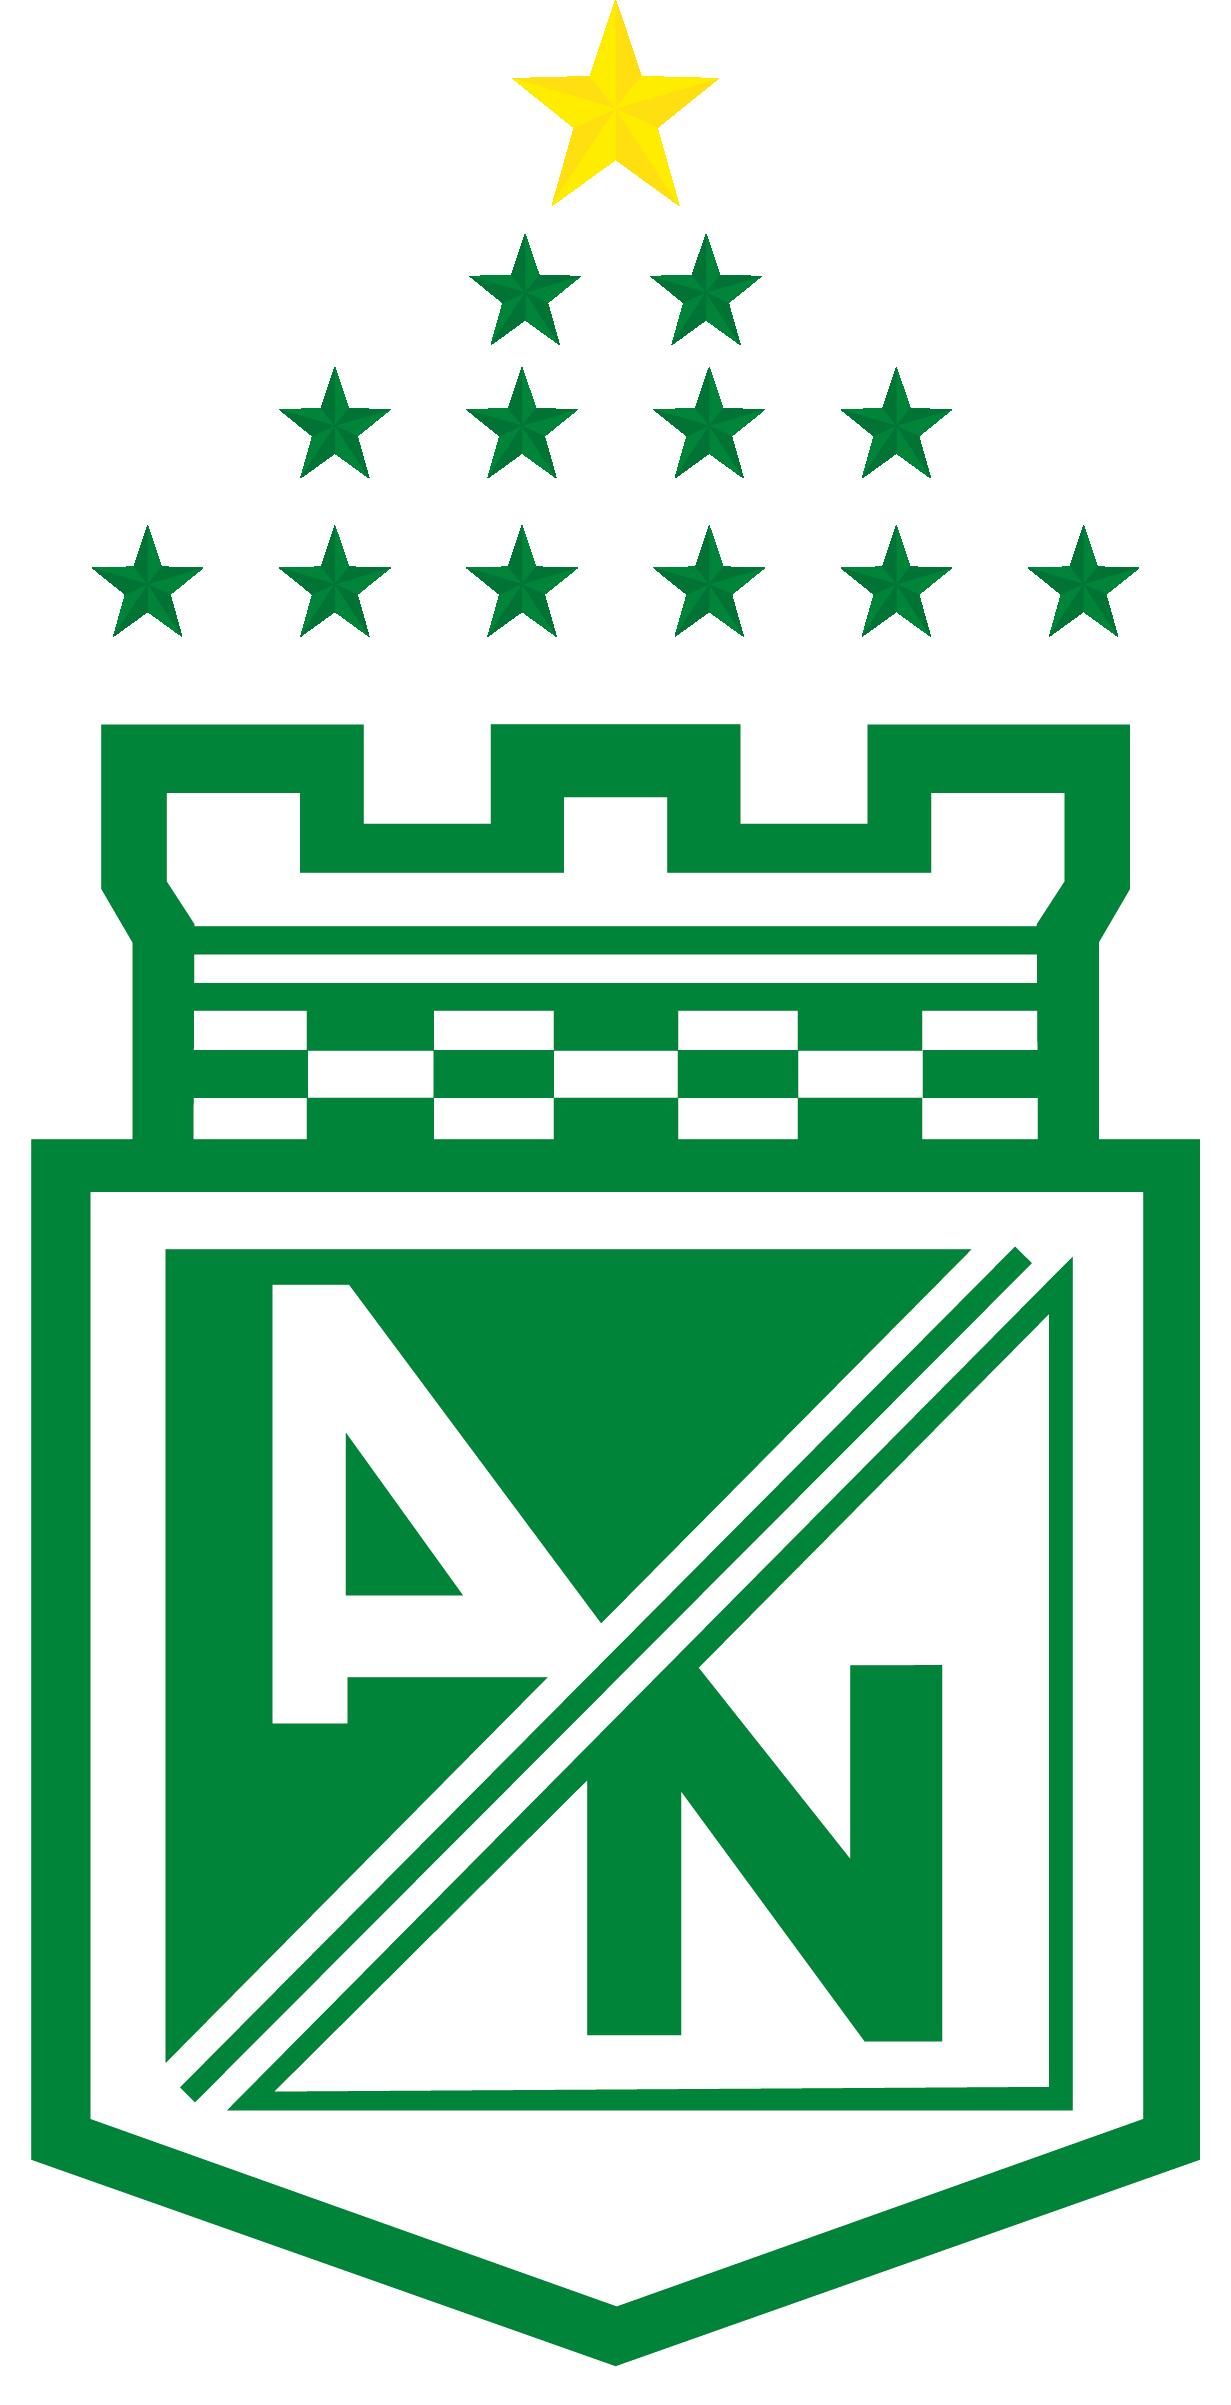 Club Atl U00e9tico Nacional De Medell U00edn Escudo De Atletico